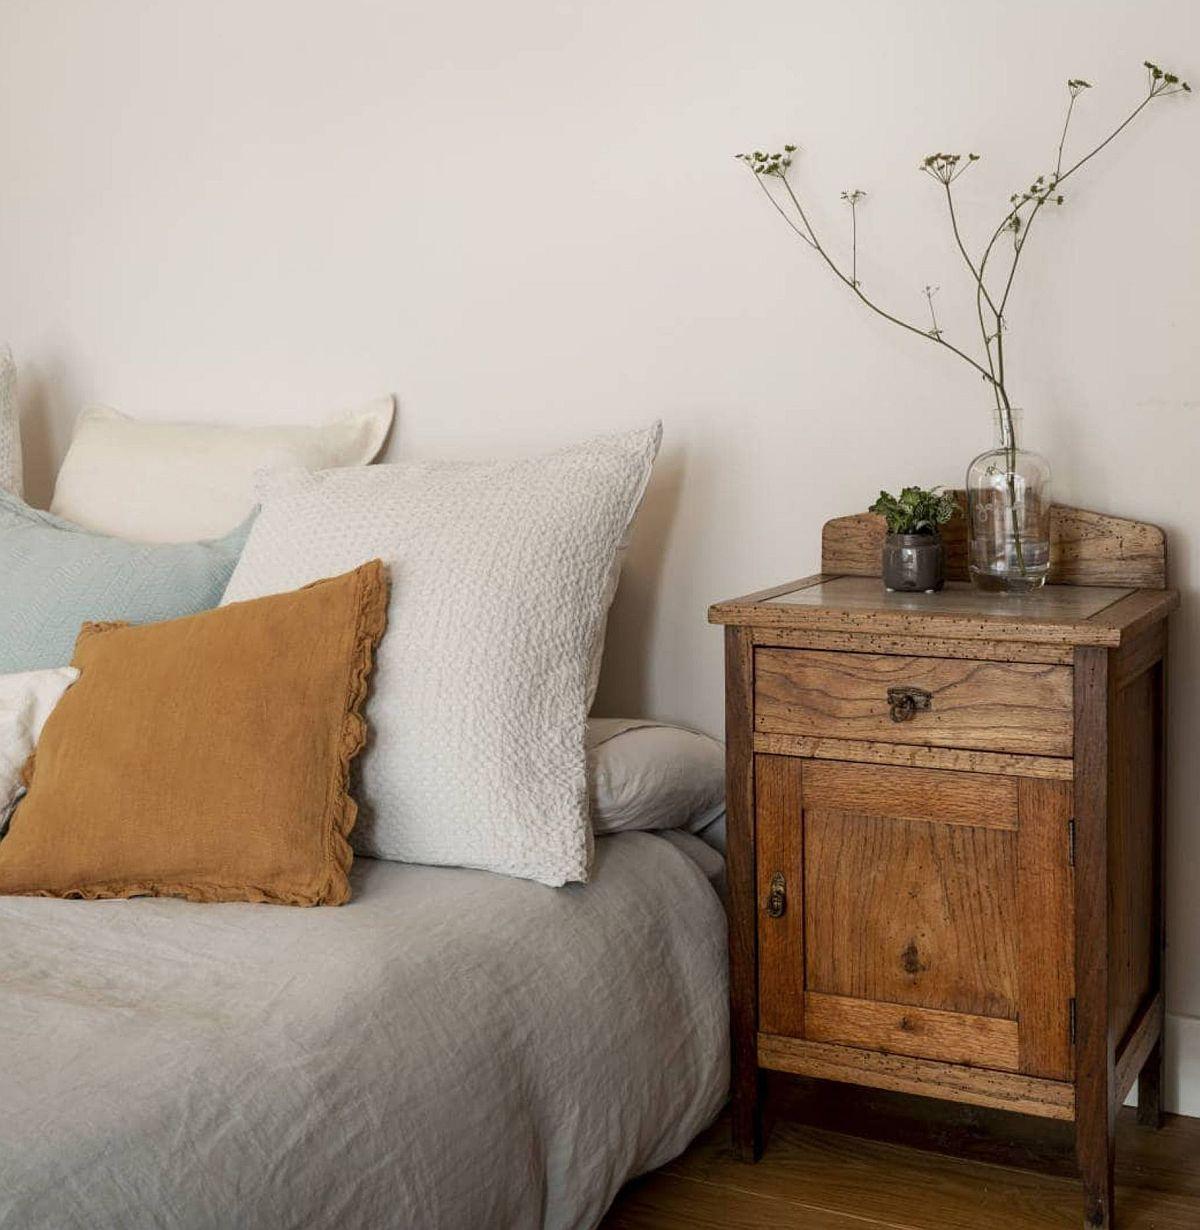 Noptierele rustice completează reușit decorul, dar mai mult este sunt alese în funcție de înălțimea joasă a patului, un pat fără tăblie, dar cu o saltea confortabilă, care de fapt contează cel mai mult pentru un somn odihnitor.